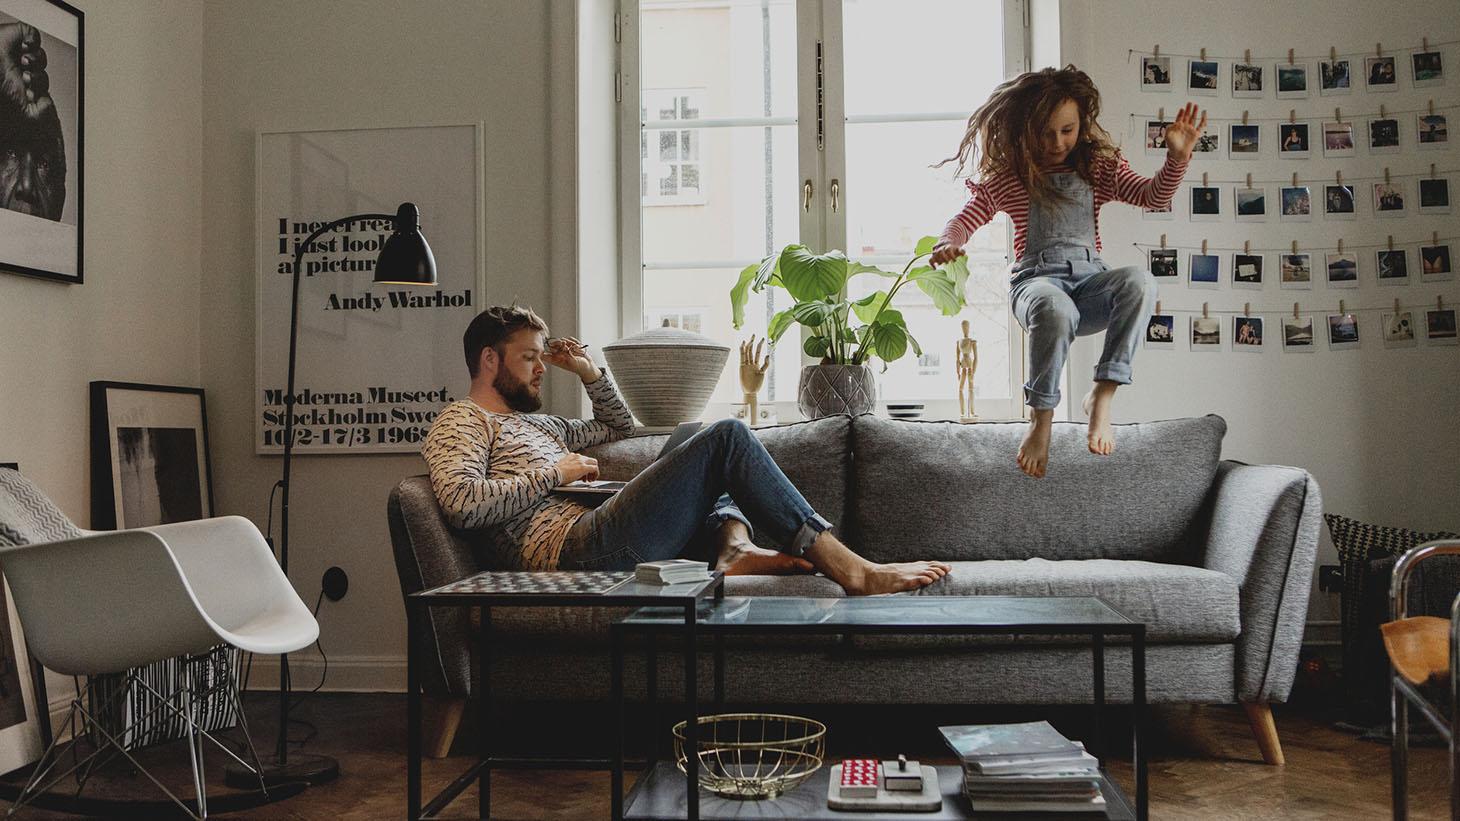 Man sitter i en soffa och tittar på datorn medan en flicka hoppar bredvid honom i soffan.